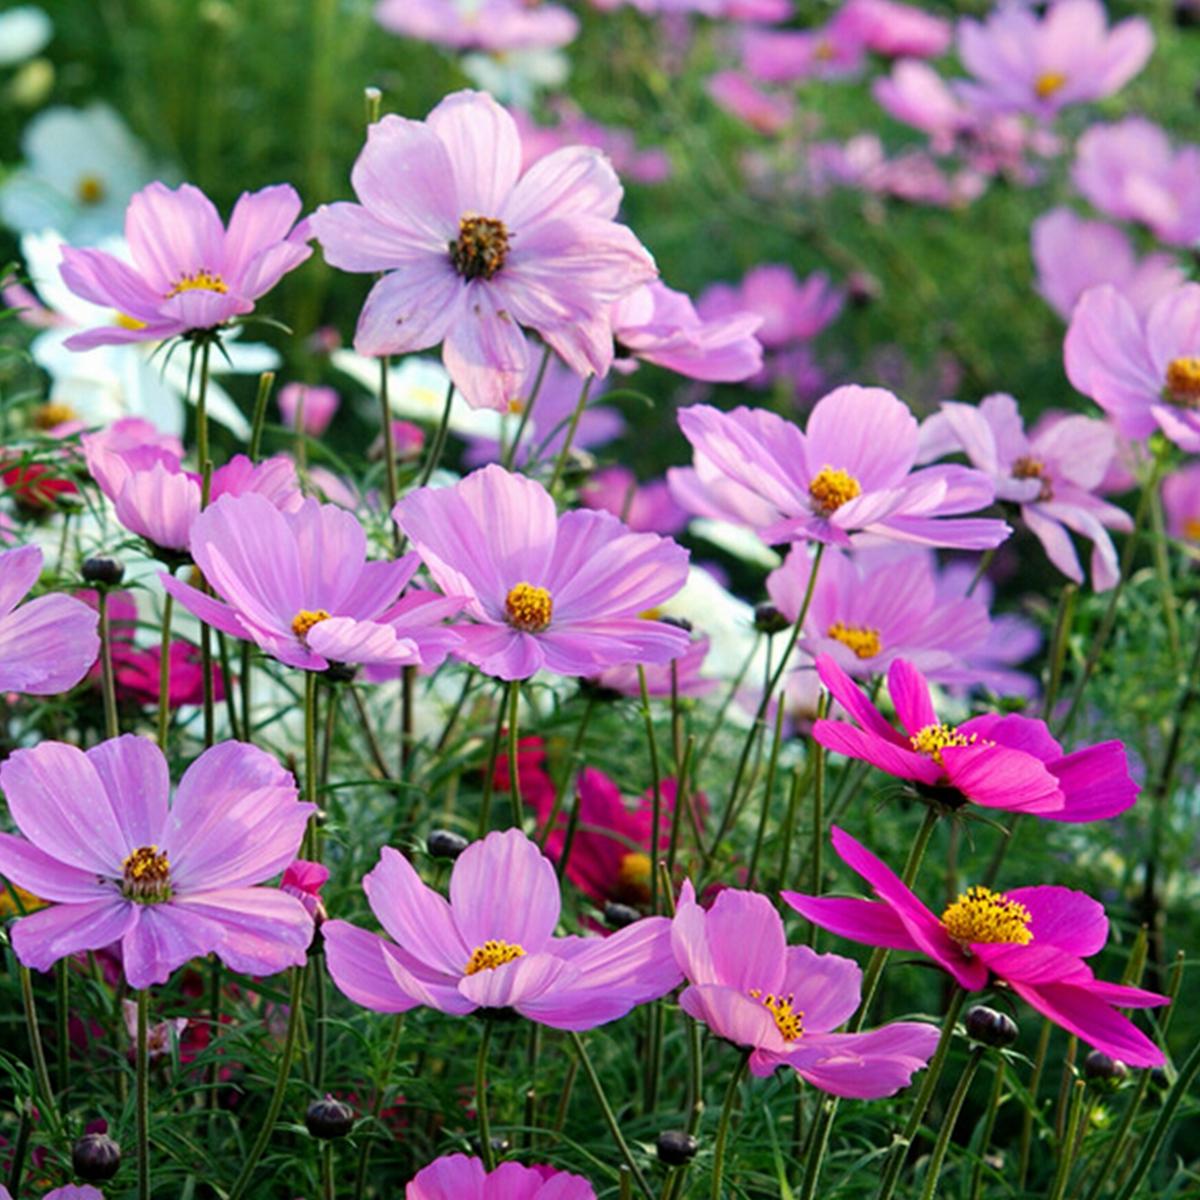 Космея, или Космос цветок: фото, выращивание и уход 75